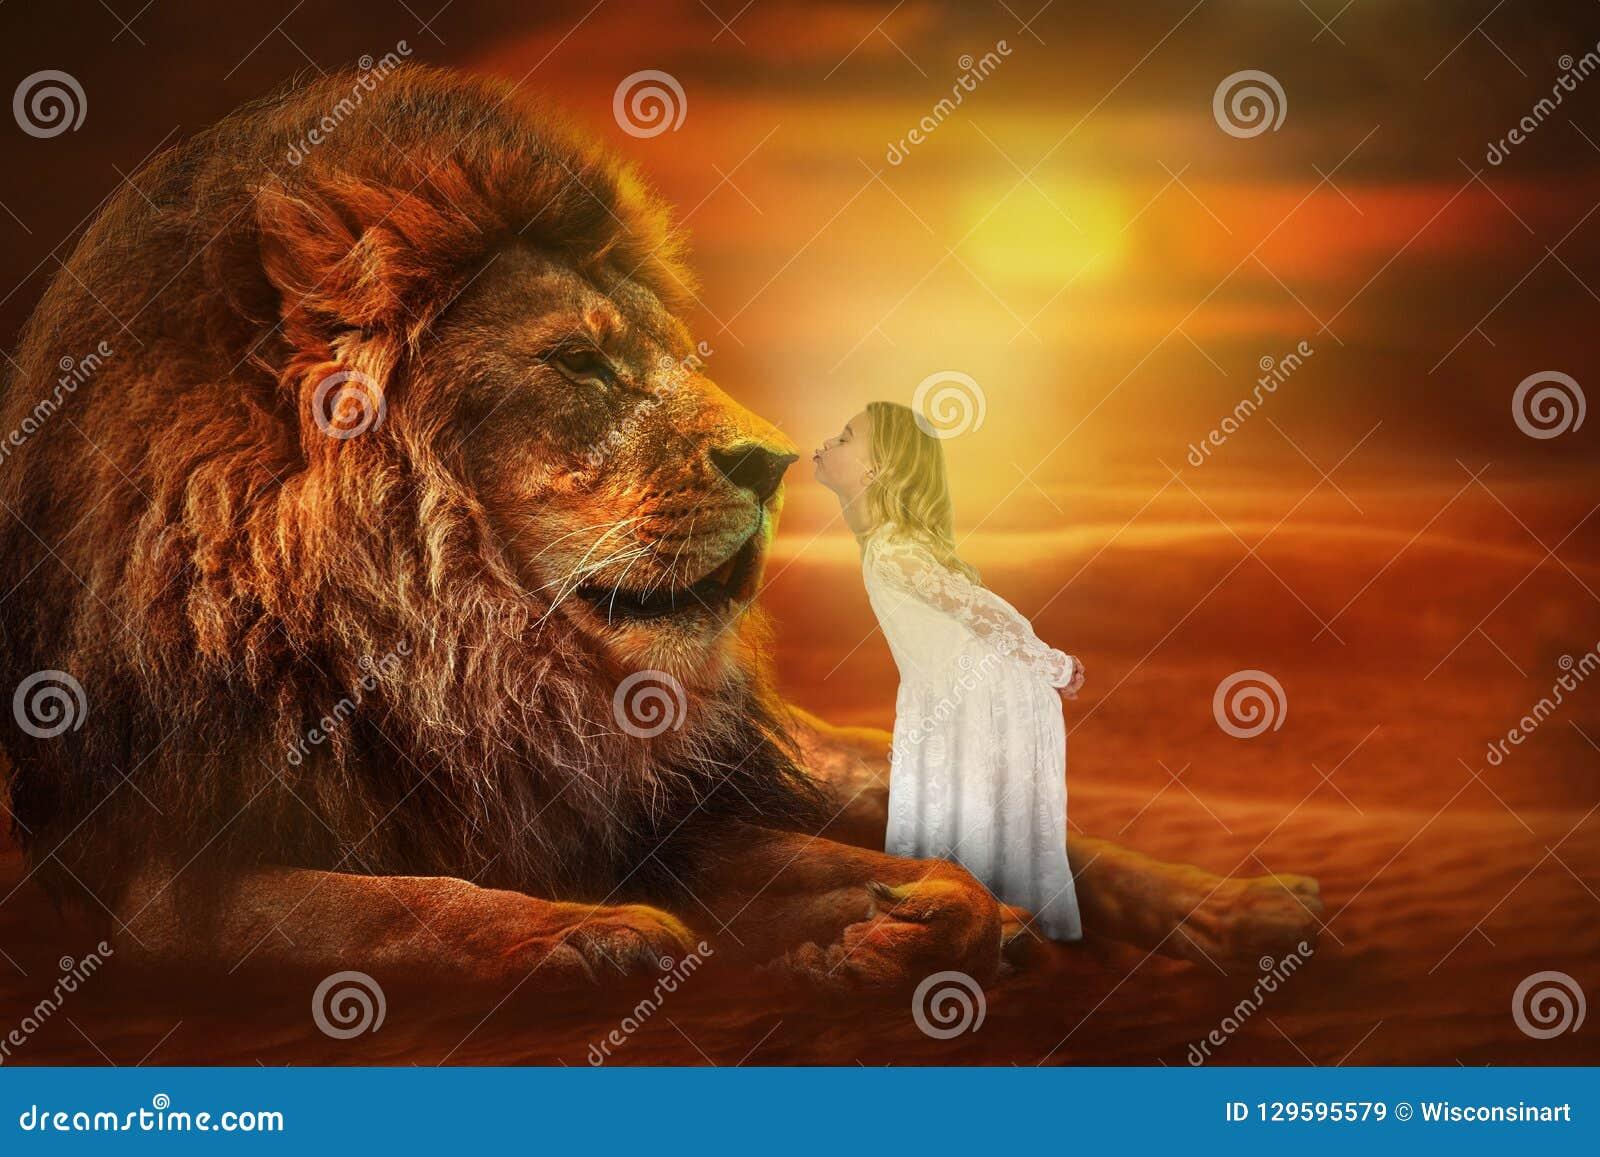 лев и девушка картинки